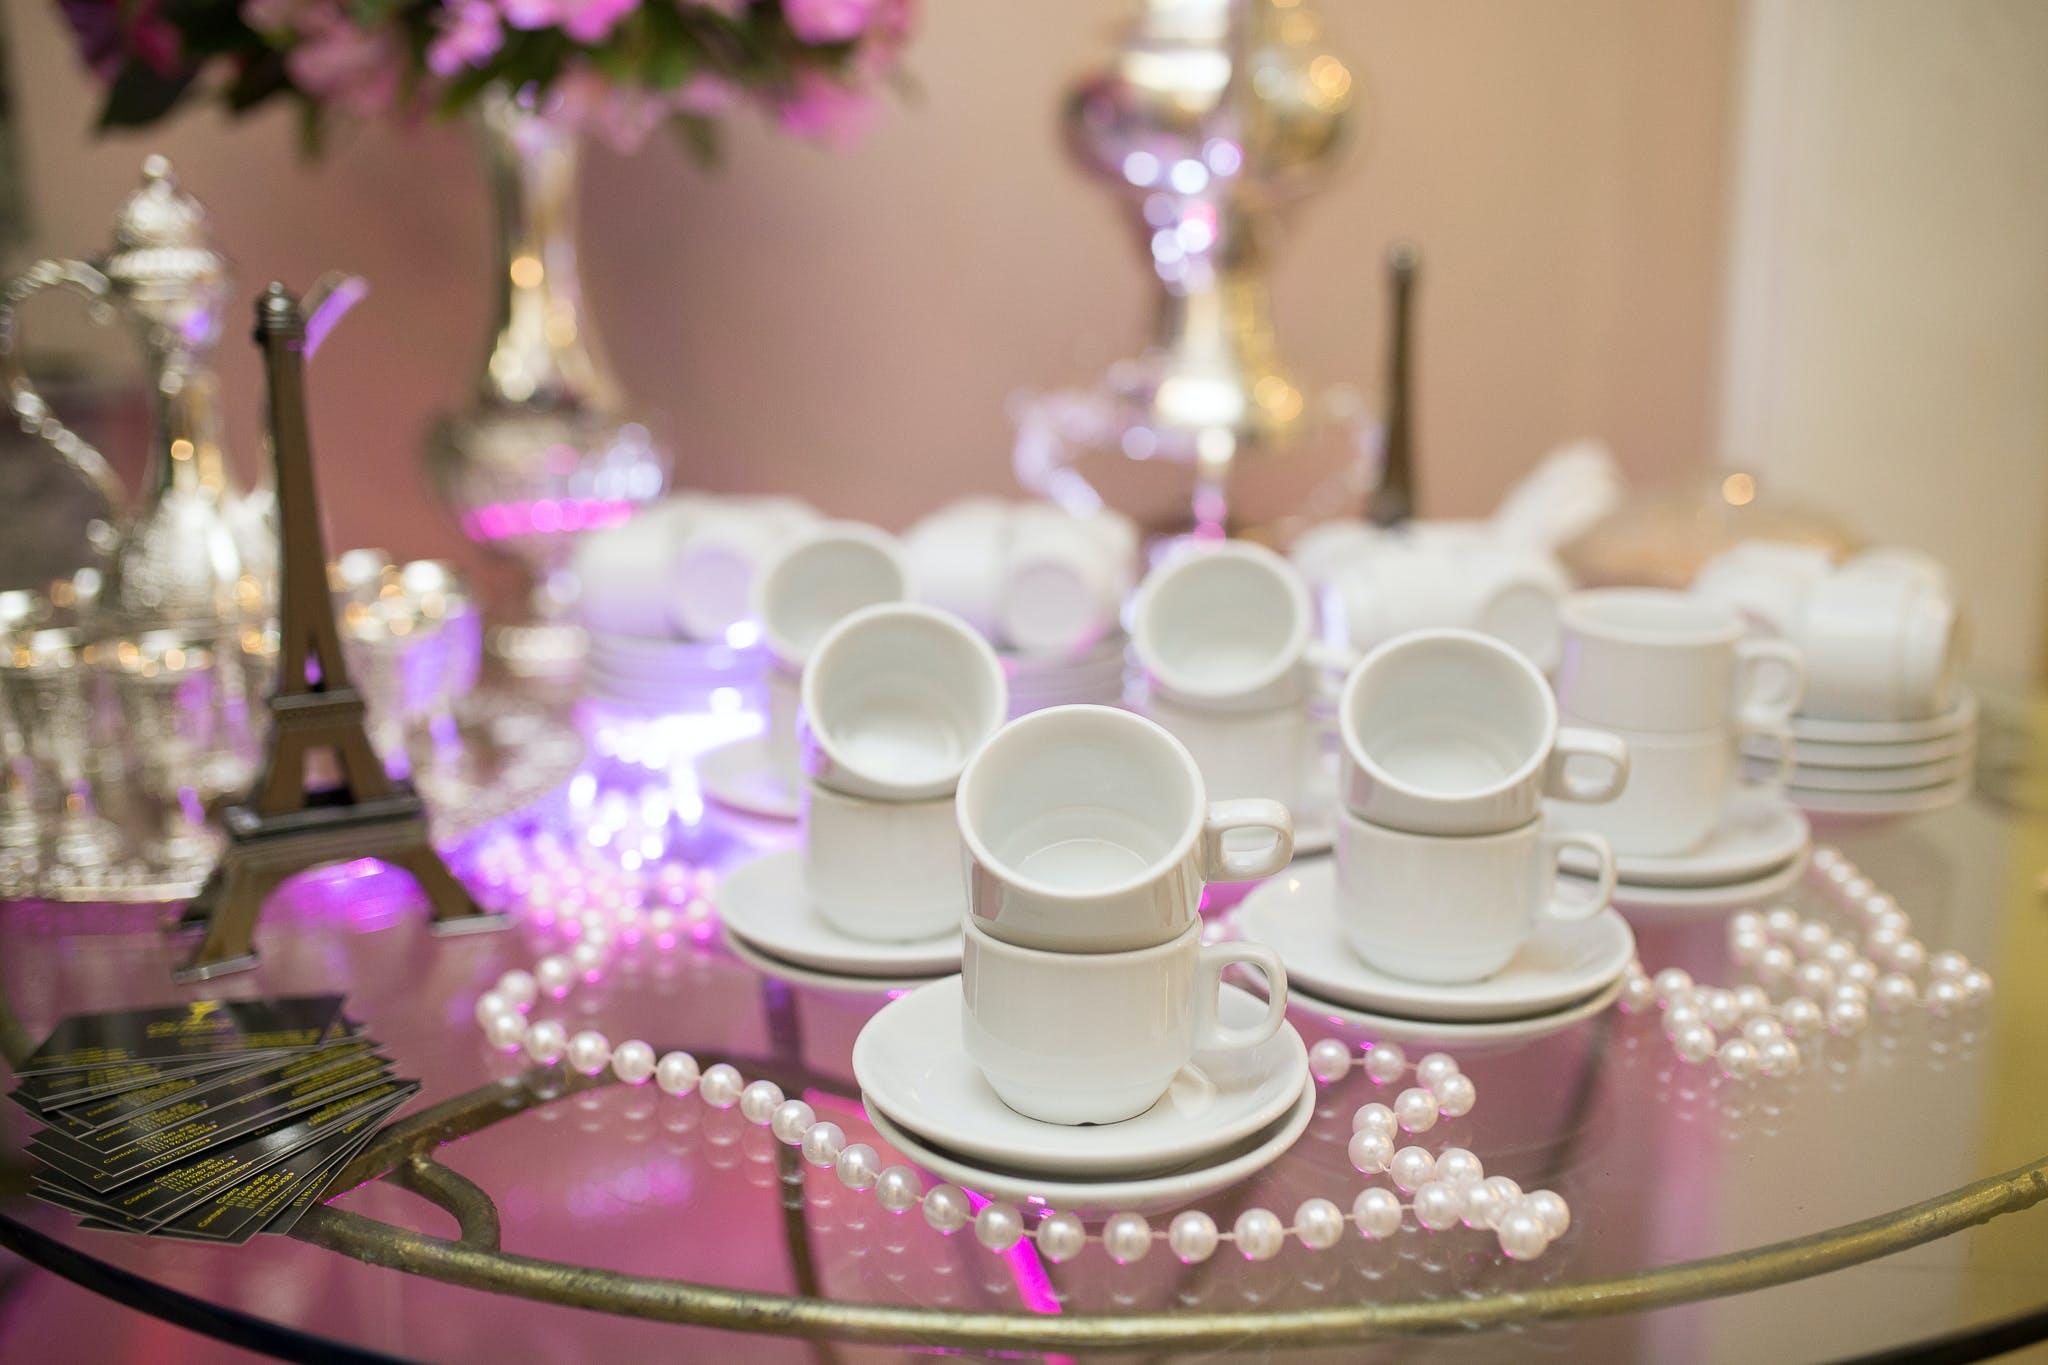 Gratis lagerfoto af Bordservice, bryllup, bryllupsfest, ceremoni